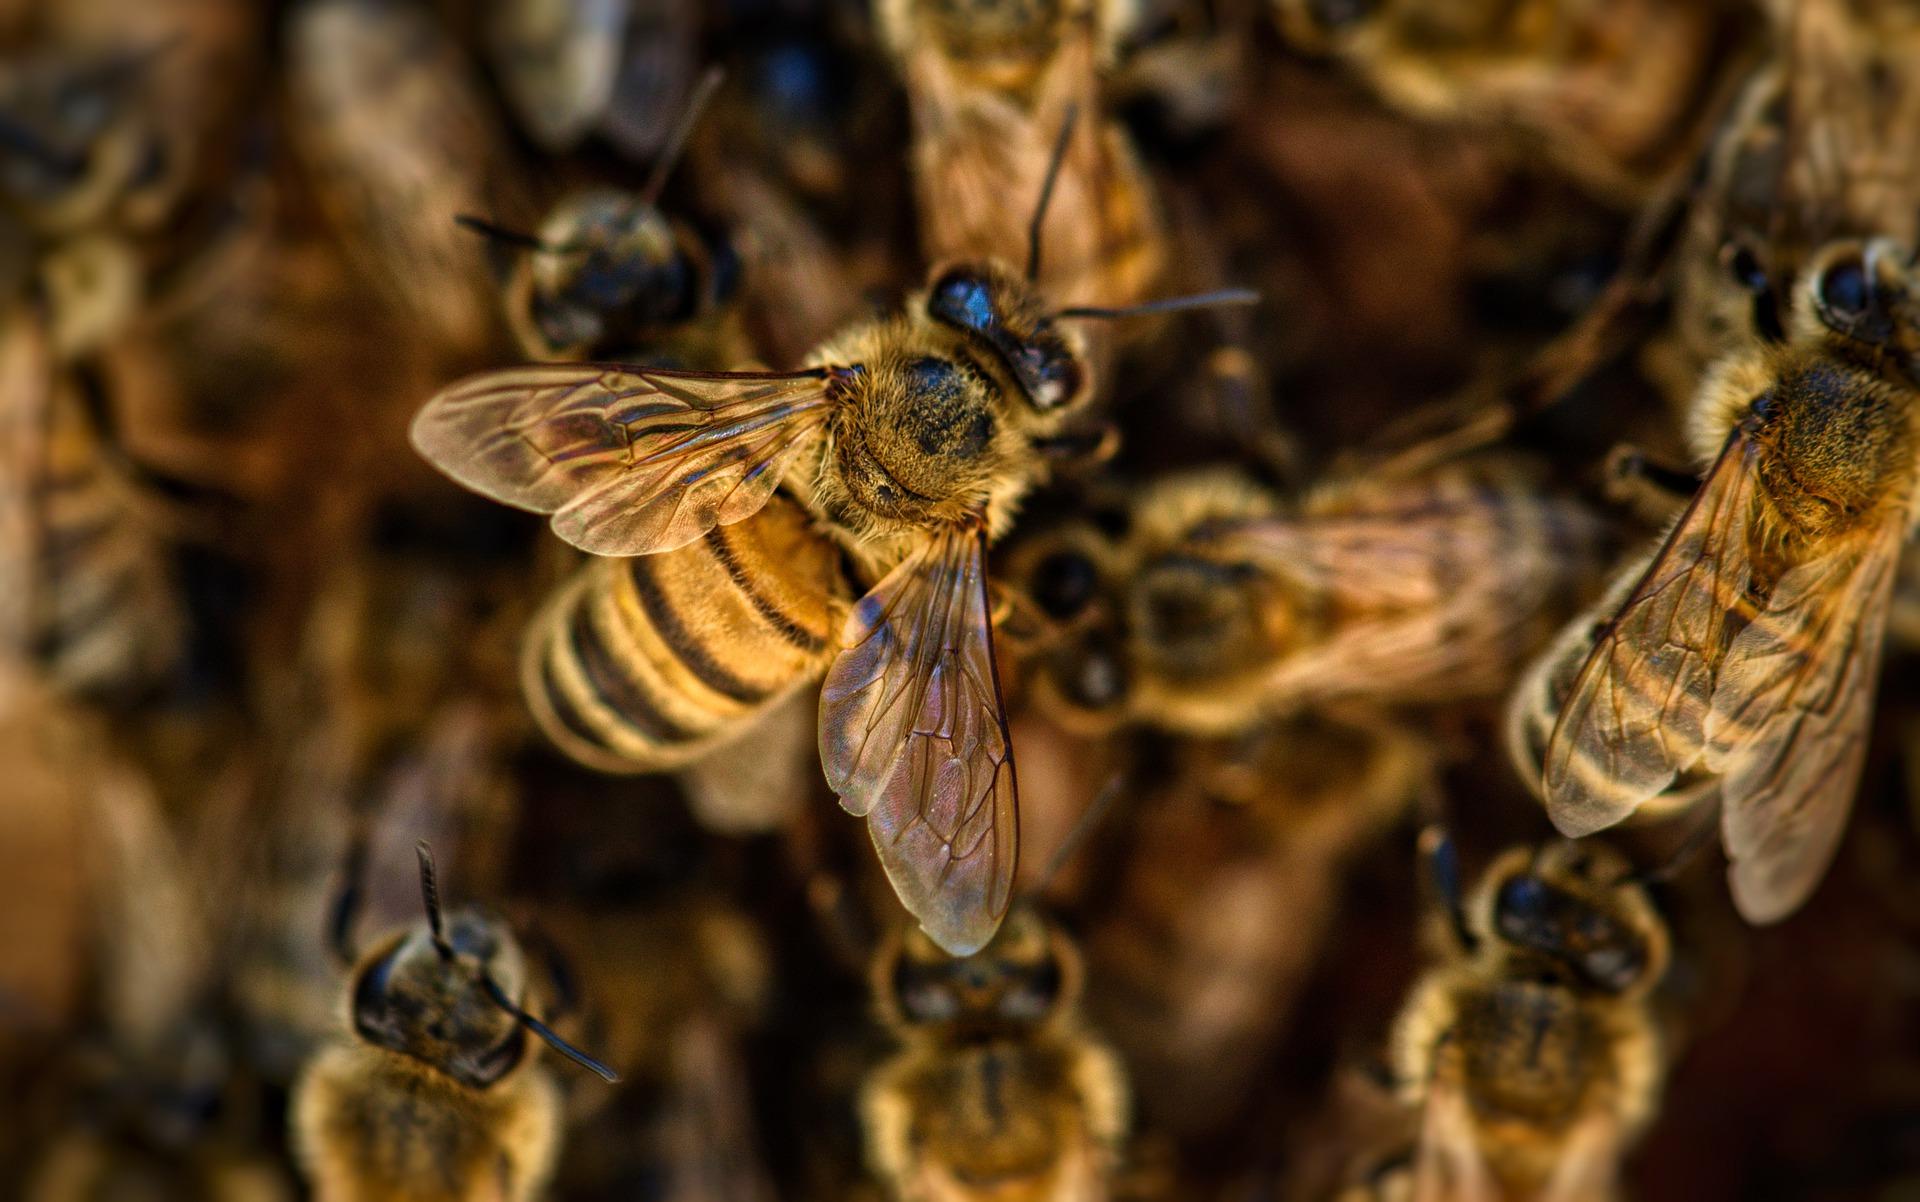 bees 1920x1202 - Free image bank